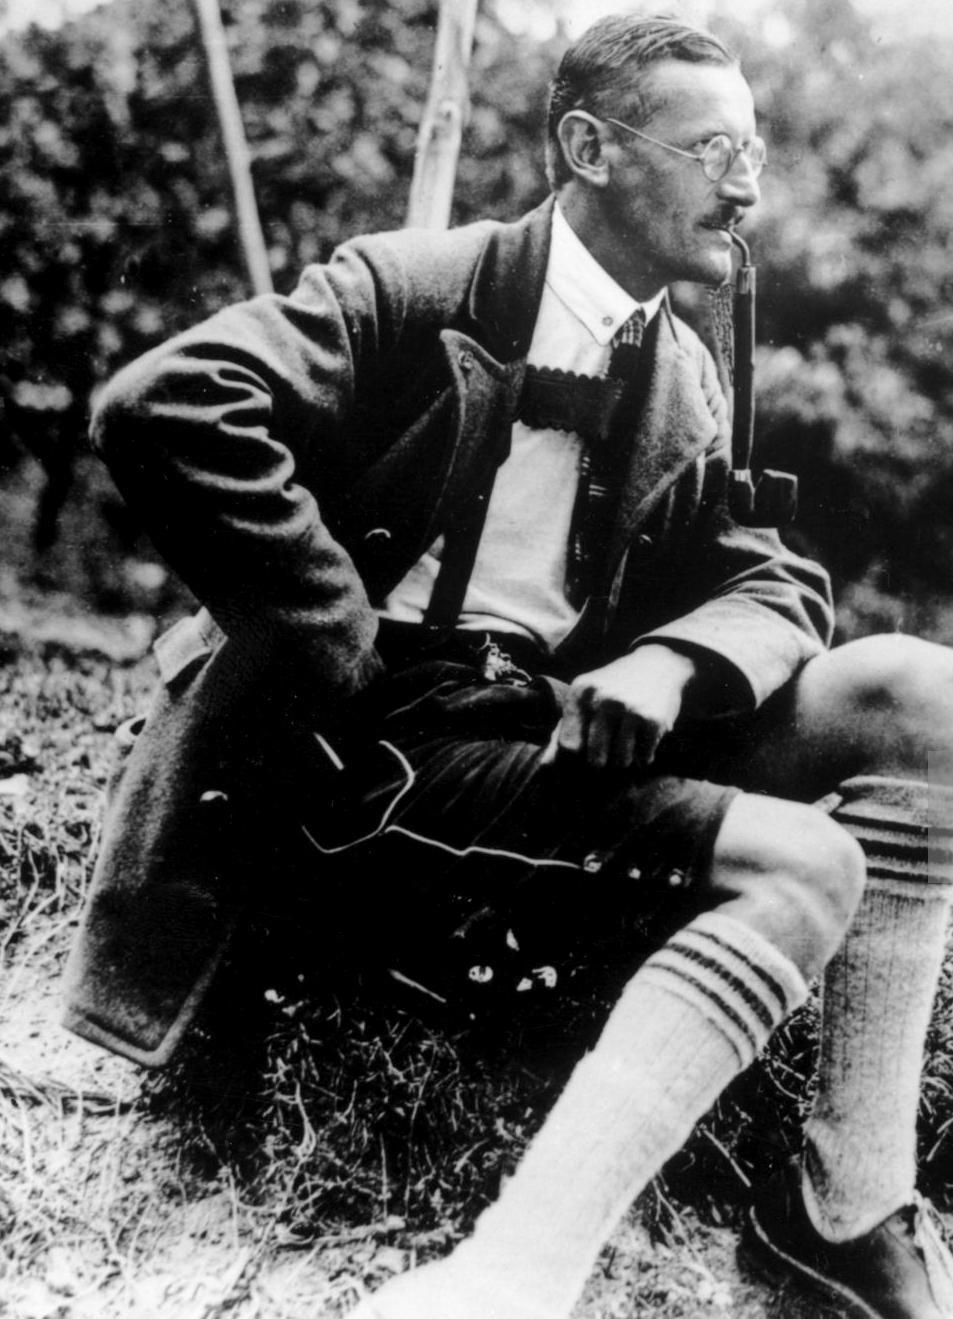 Anton Drexler, fabroferraio delle ferrovie bavaresi, creò a Monaco il 7 marzo 1918, un libero comitato di lavoratori per una giusta pace. In seguito, sotto l'influenza della Società Thule, fondò il Partito dei lavoratori tedeschi (DAP) che diveniva, a partire dalla primavera del 1920, lo NSDAP, Partito nazional-socialista dei lavoratori tedeschi, di cui Hitler si assicurò dal 29 luglio 1921, la direzione.